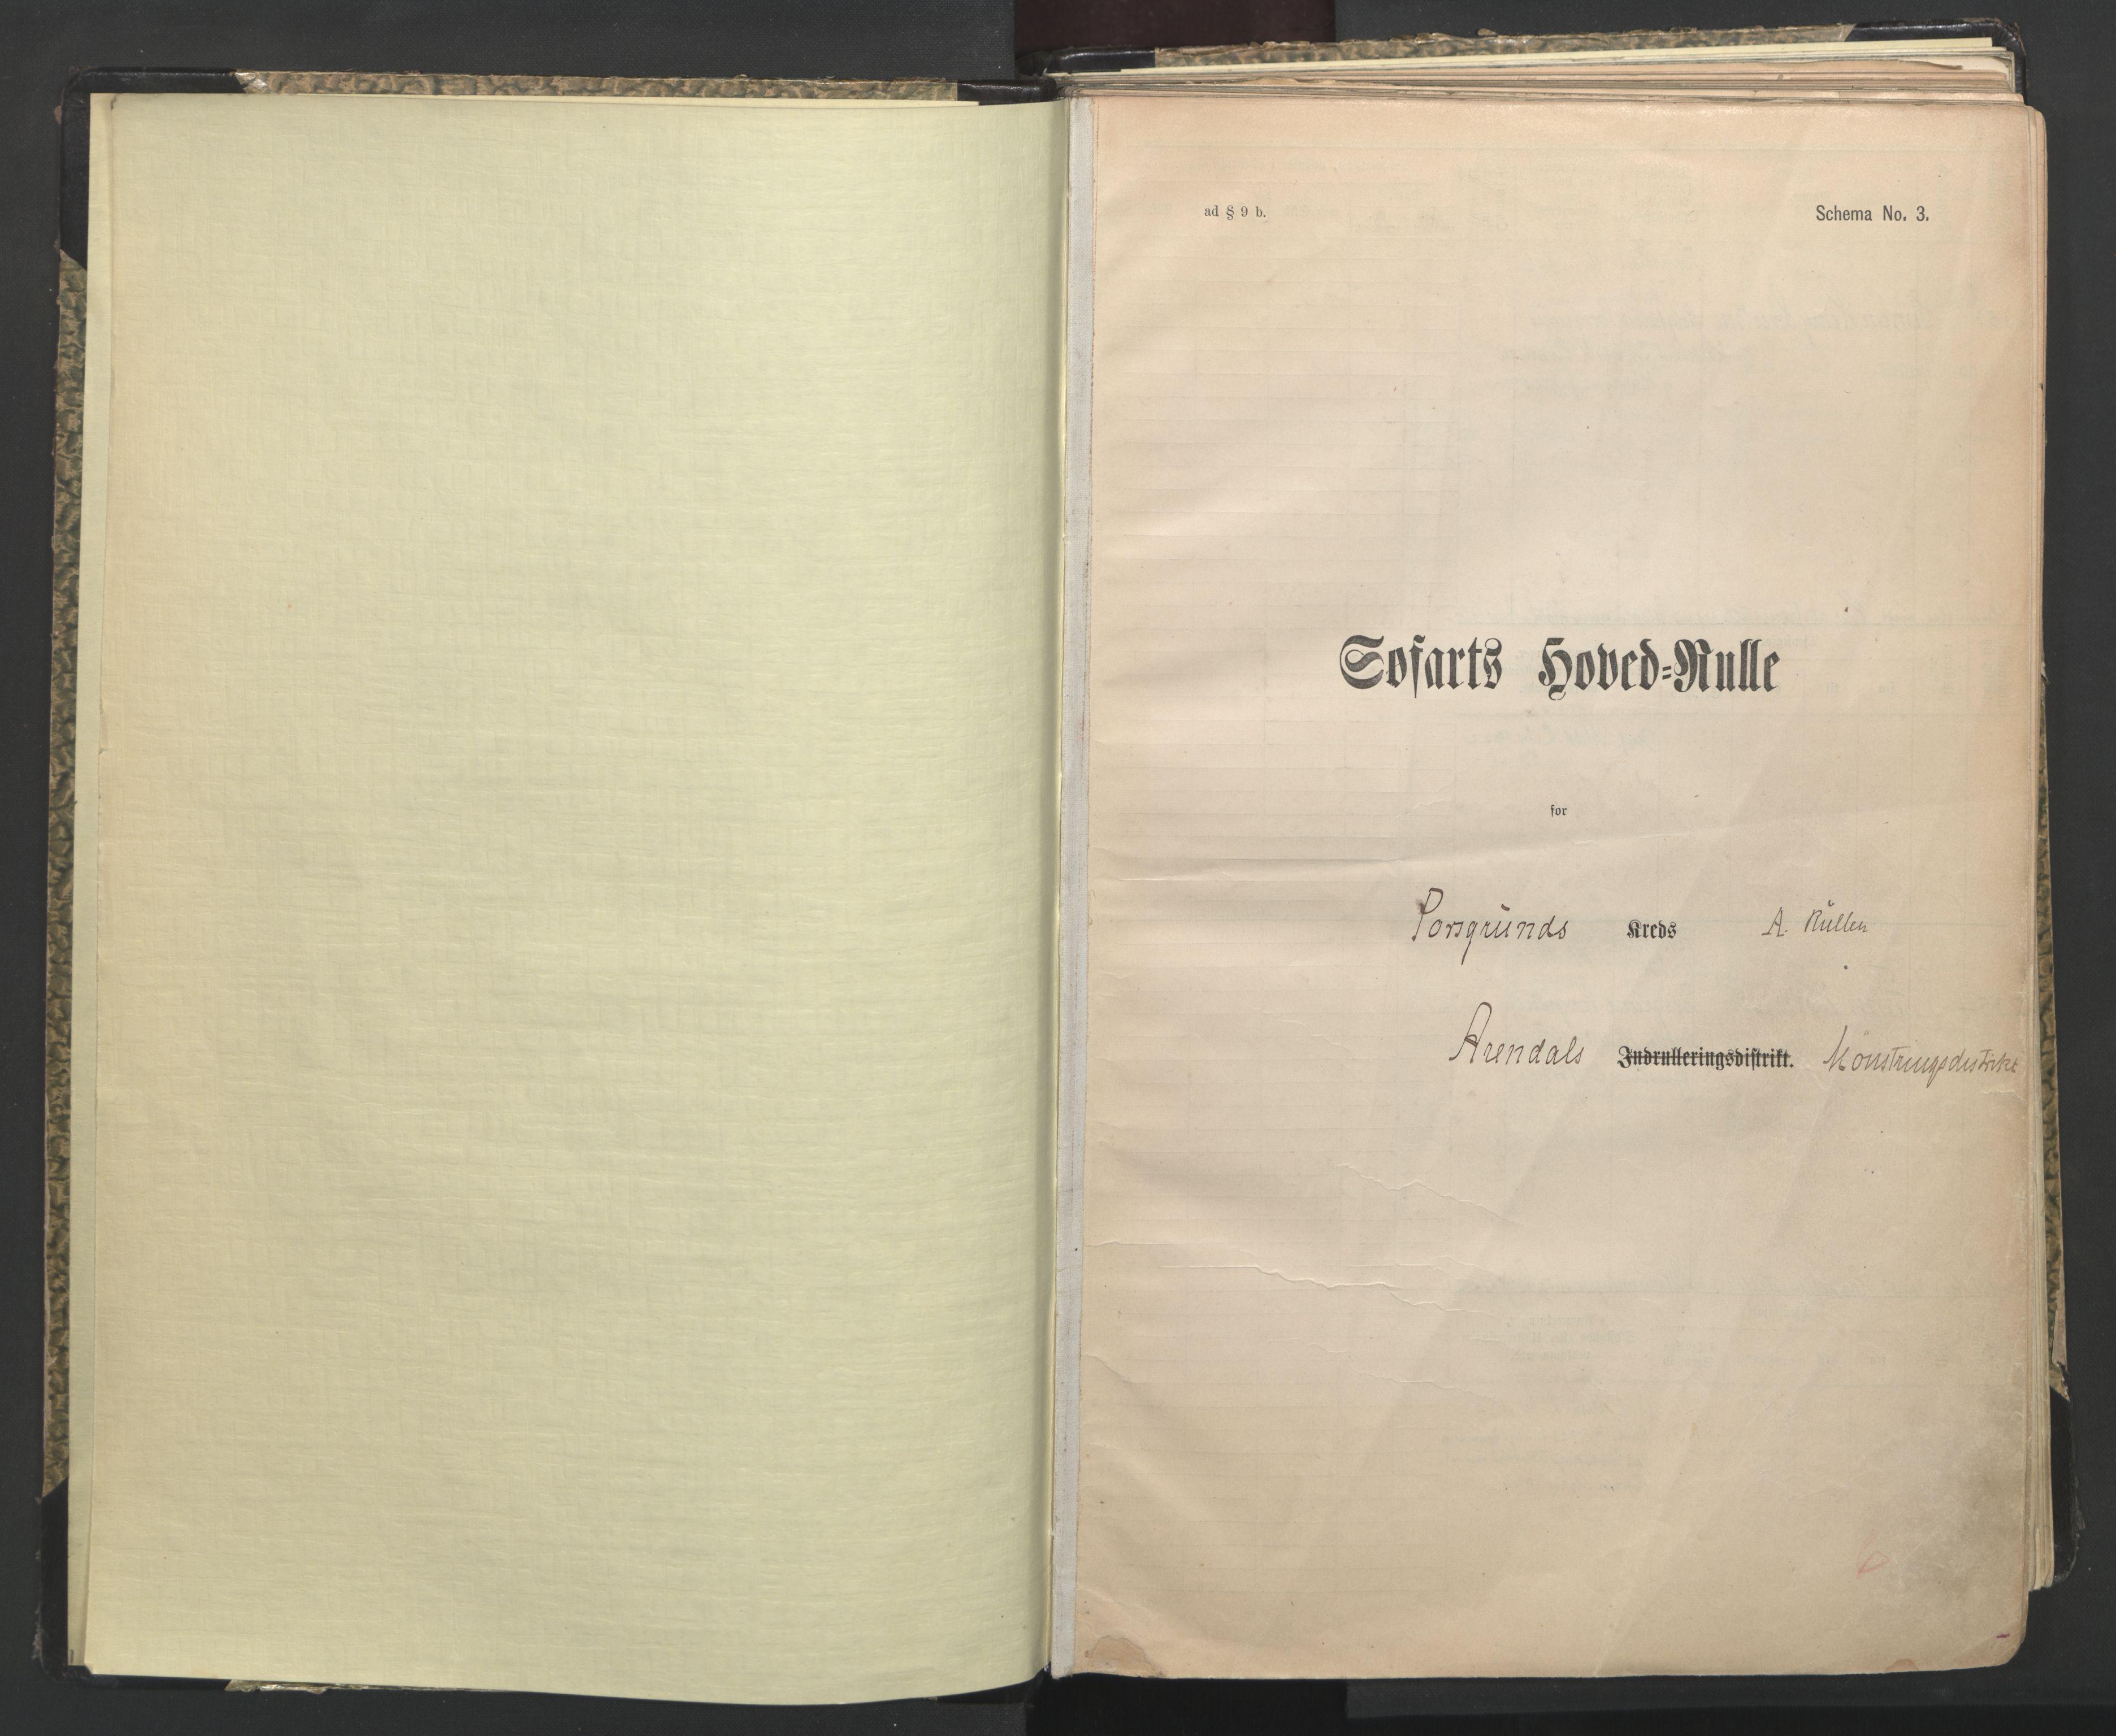 SAKO, Porsgrunn innrulleringskontor, F/Fc/L0009: Hovedrulle, 1920-1948